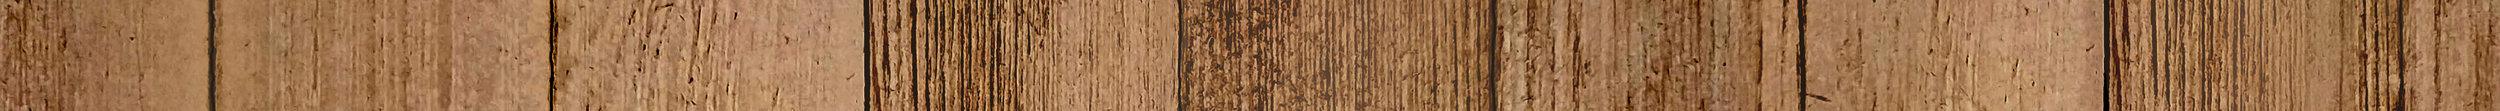 wood dividier